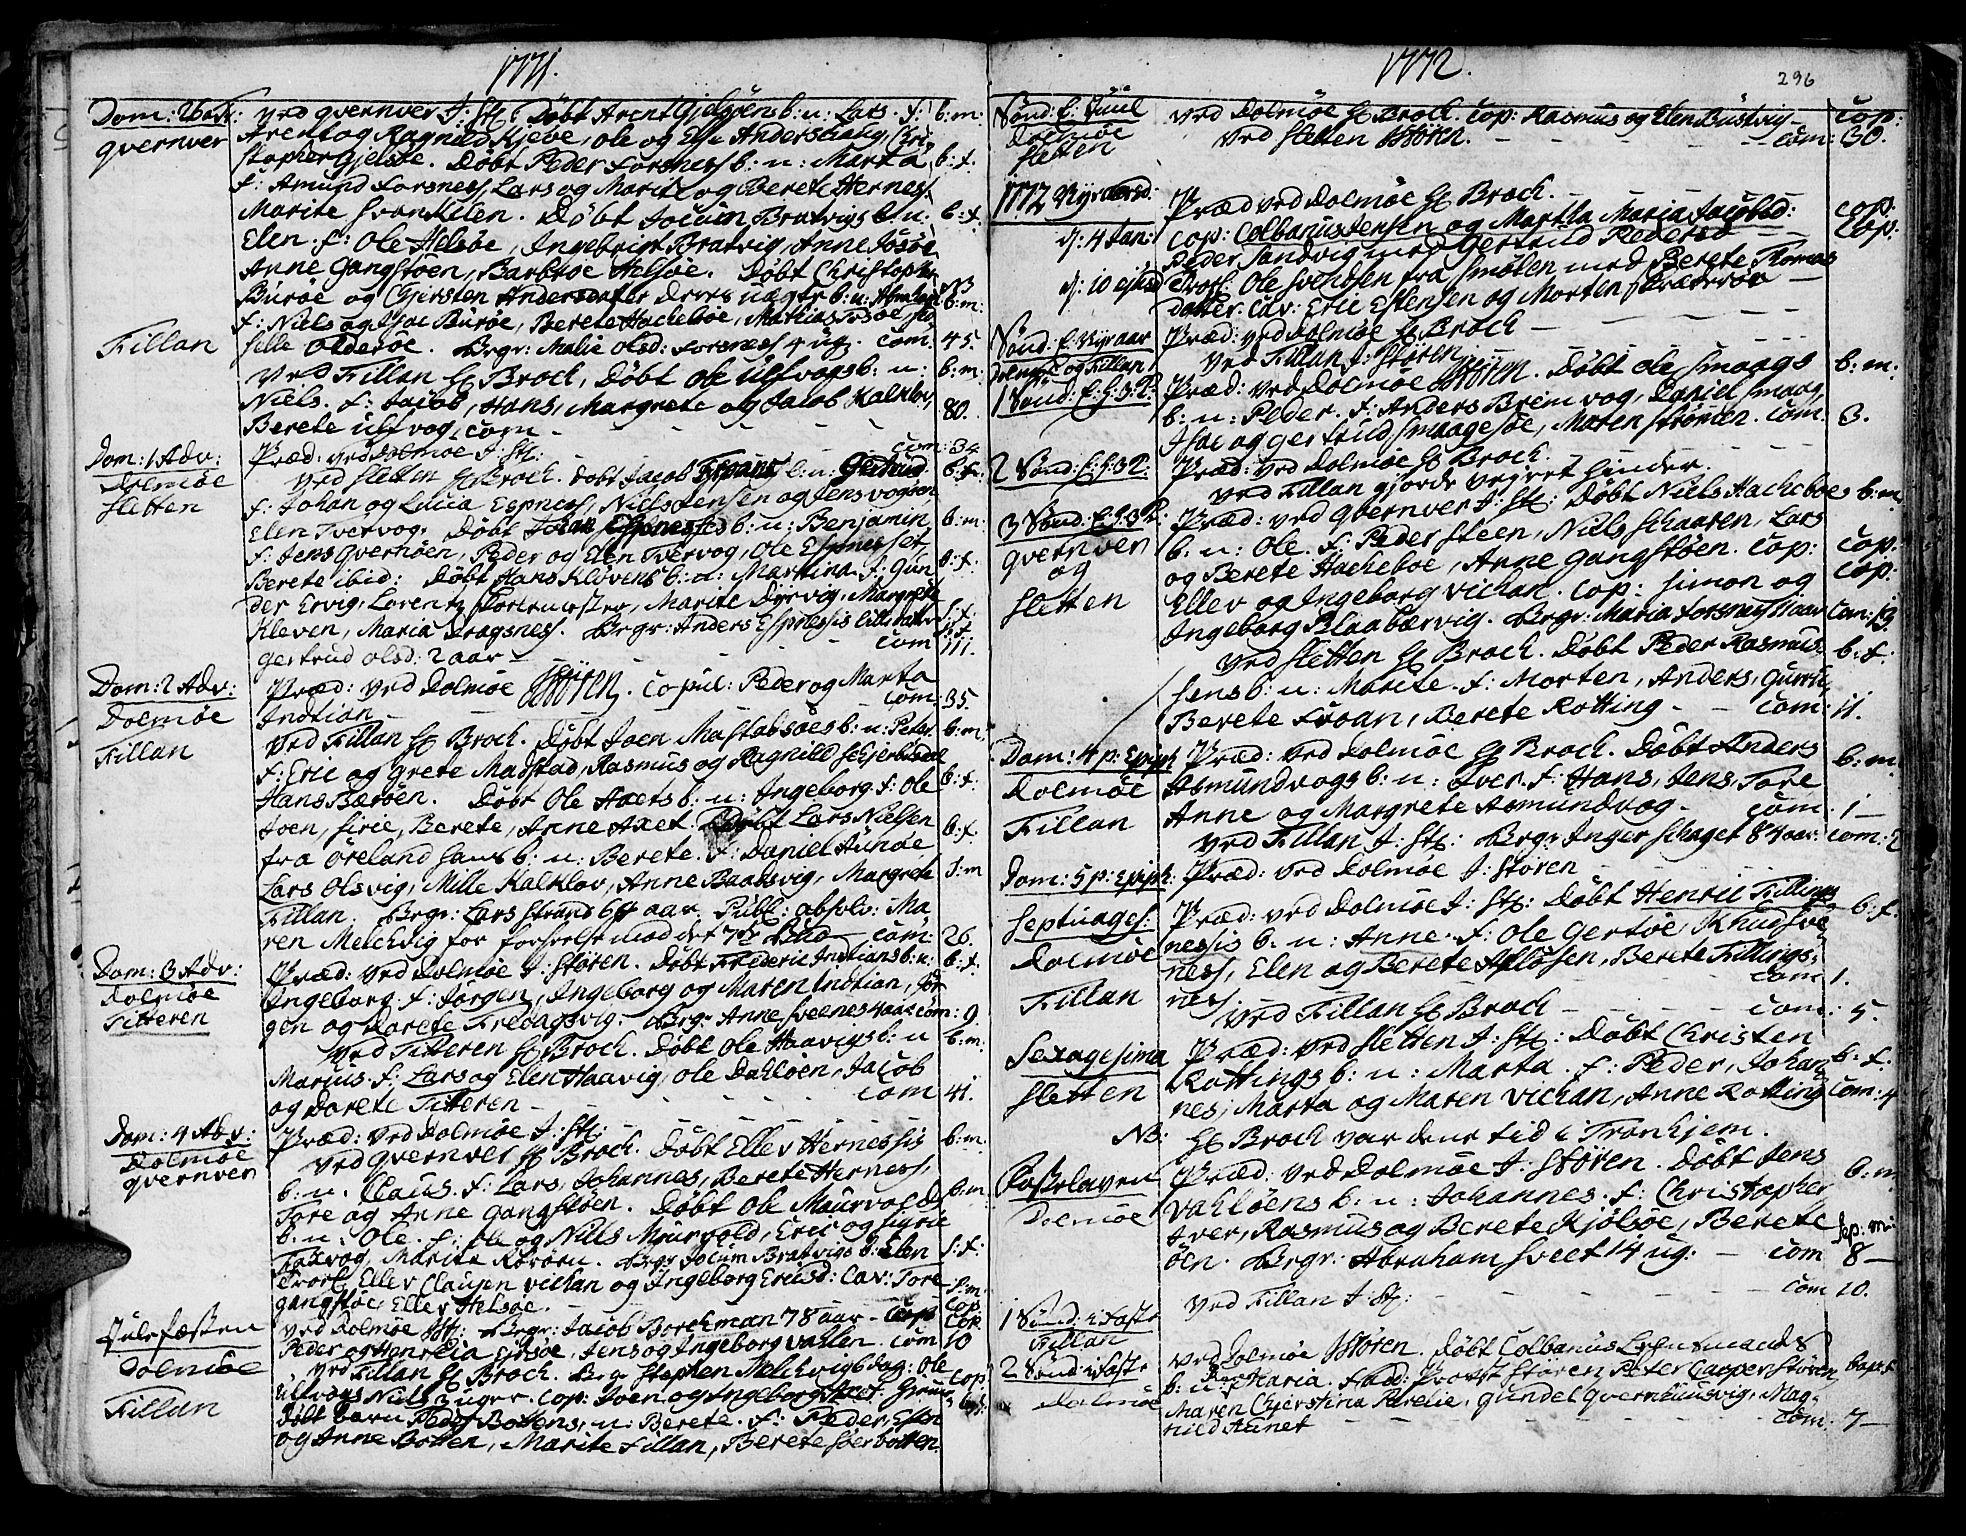 SAT, Ministerialprotokoller, klokkerbøker og fødselsregistre - Sør-Trøndelag, 634/L0525: Ministerialbok nr. 634A01, 1736-1775, s. 296